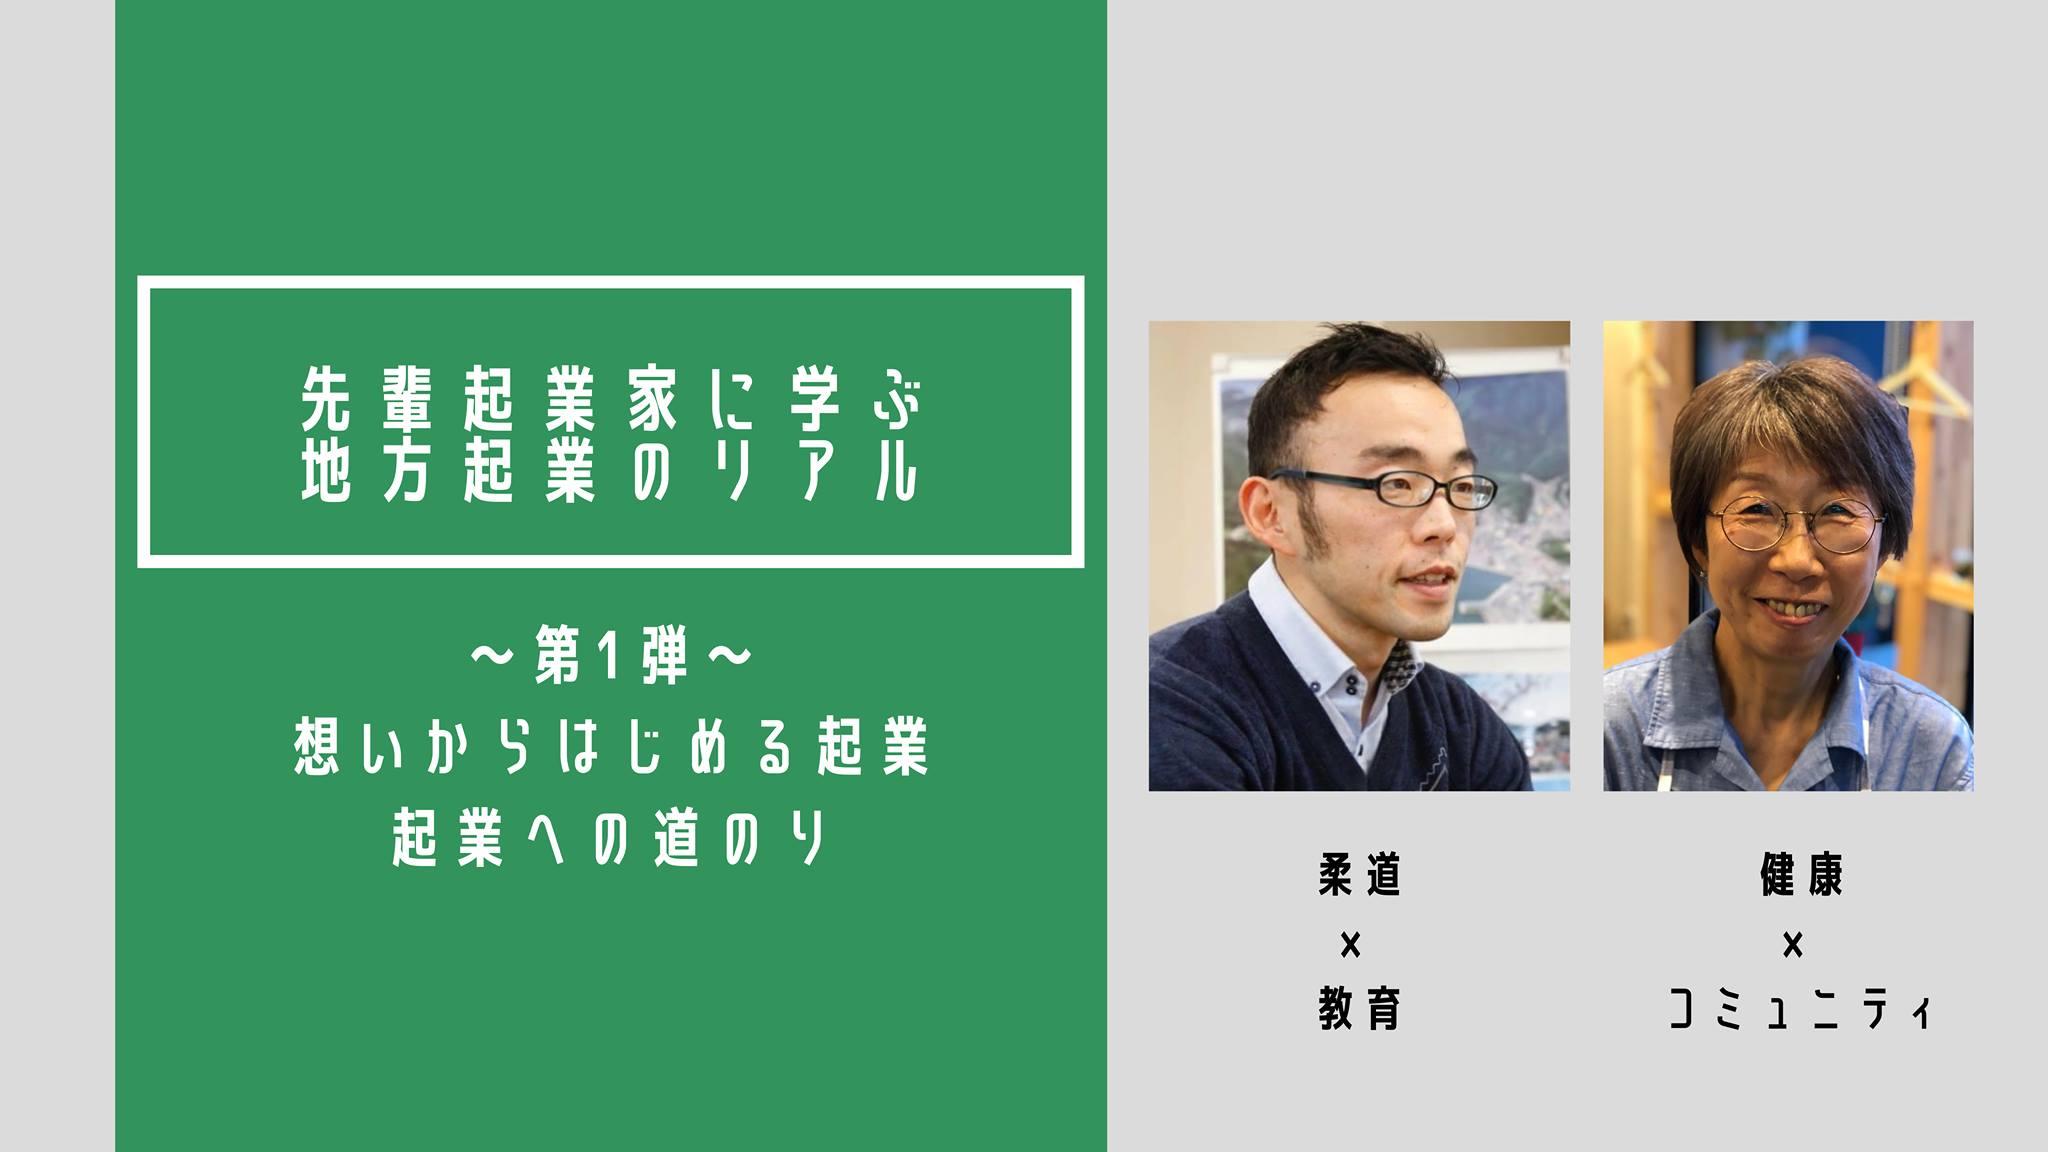 (8/31・9/11)創業本気プログラムオンラインイベント開催決定